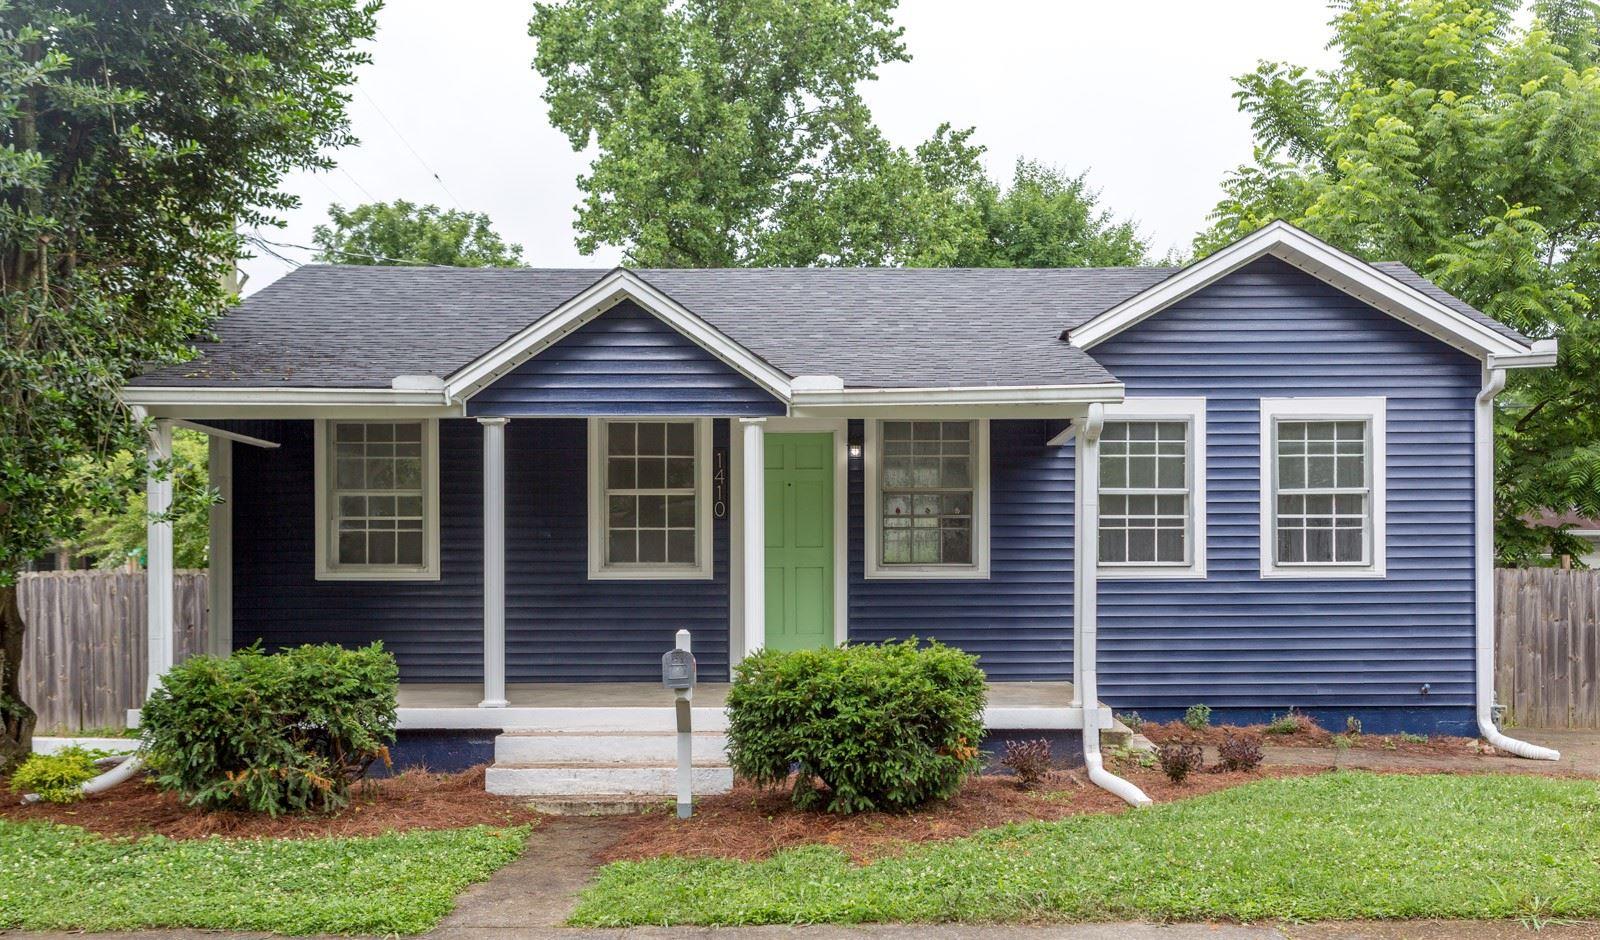 1410 Elliston St, Old Hickory, TN 37138 - MLS#: 2262201